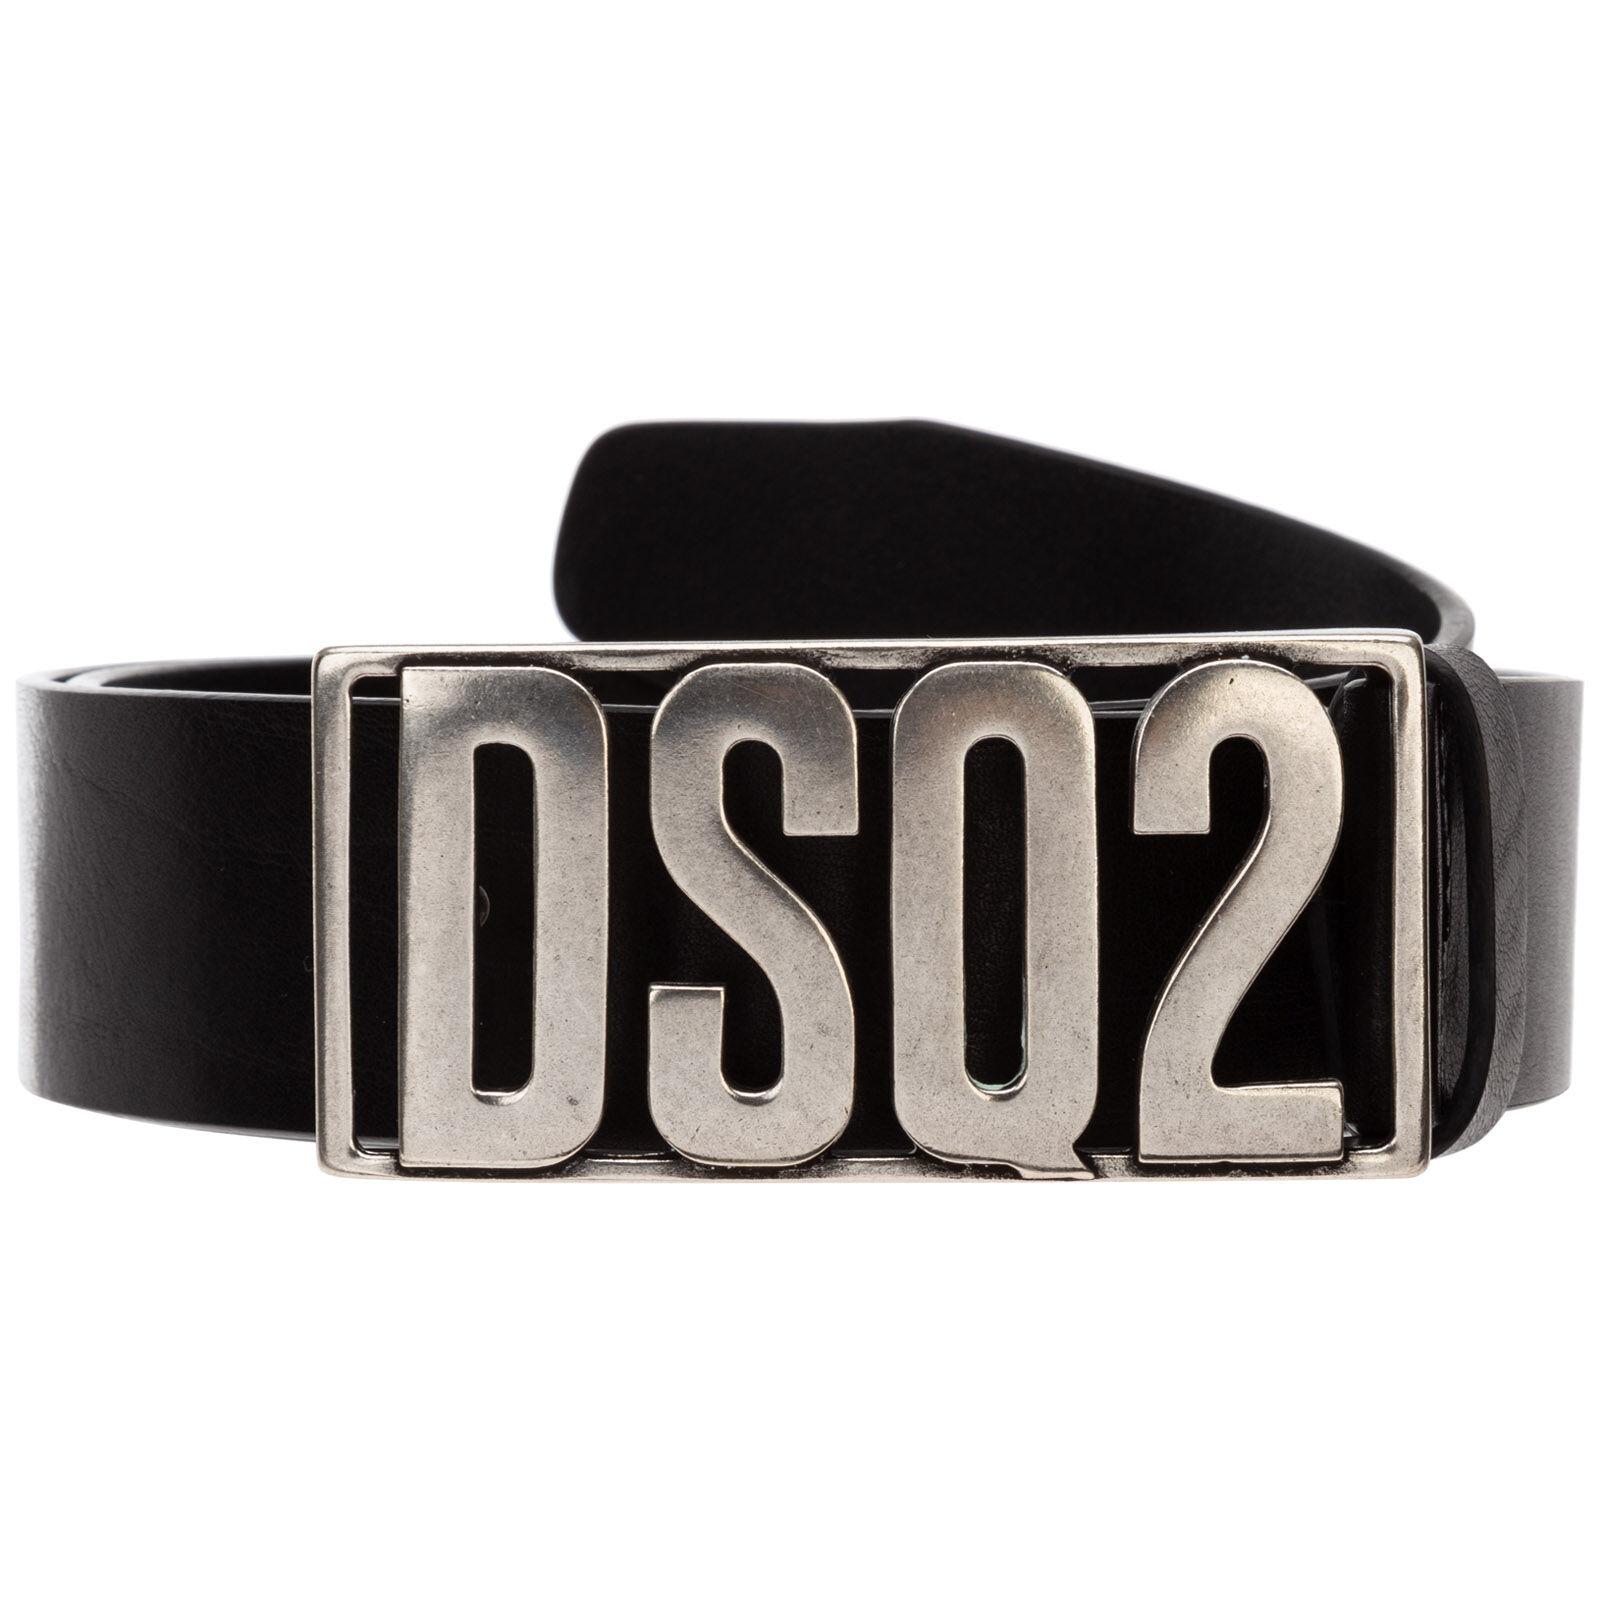 Dsquared2 Men's genuine leather belt  - Black - Size: 95